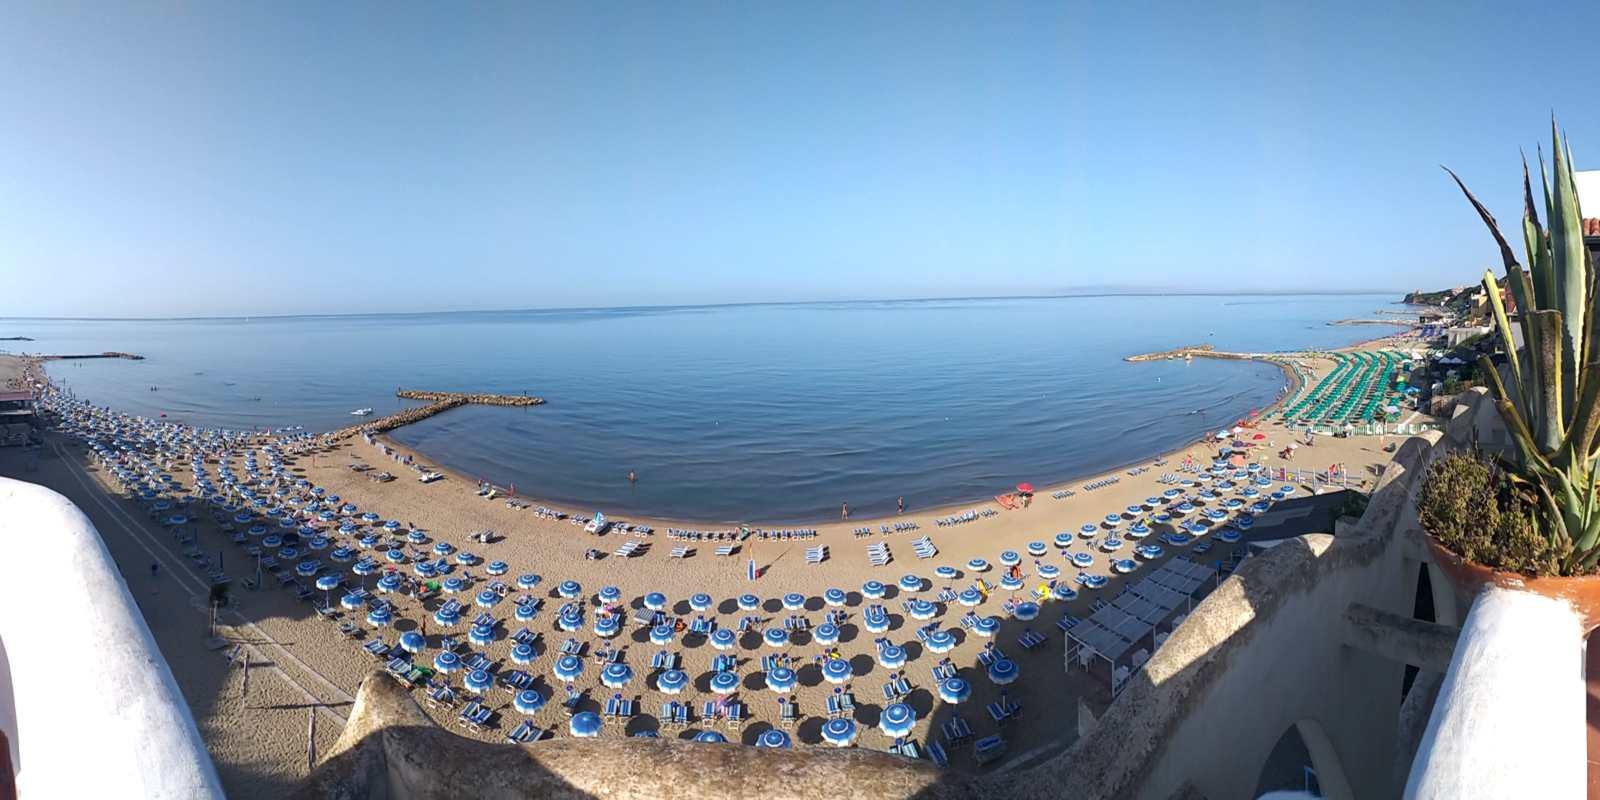 elianto anzio appartamenti fronte mare spiaggia webcam-Anzio Spiaggia di Tor Caldara e cincinnato